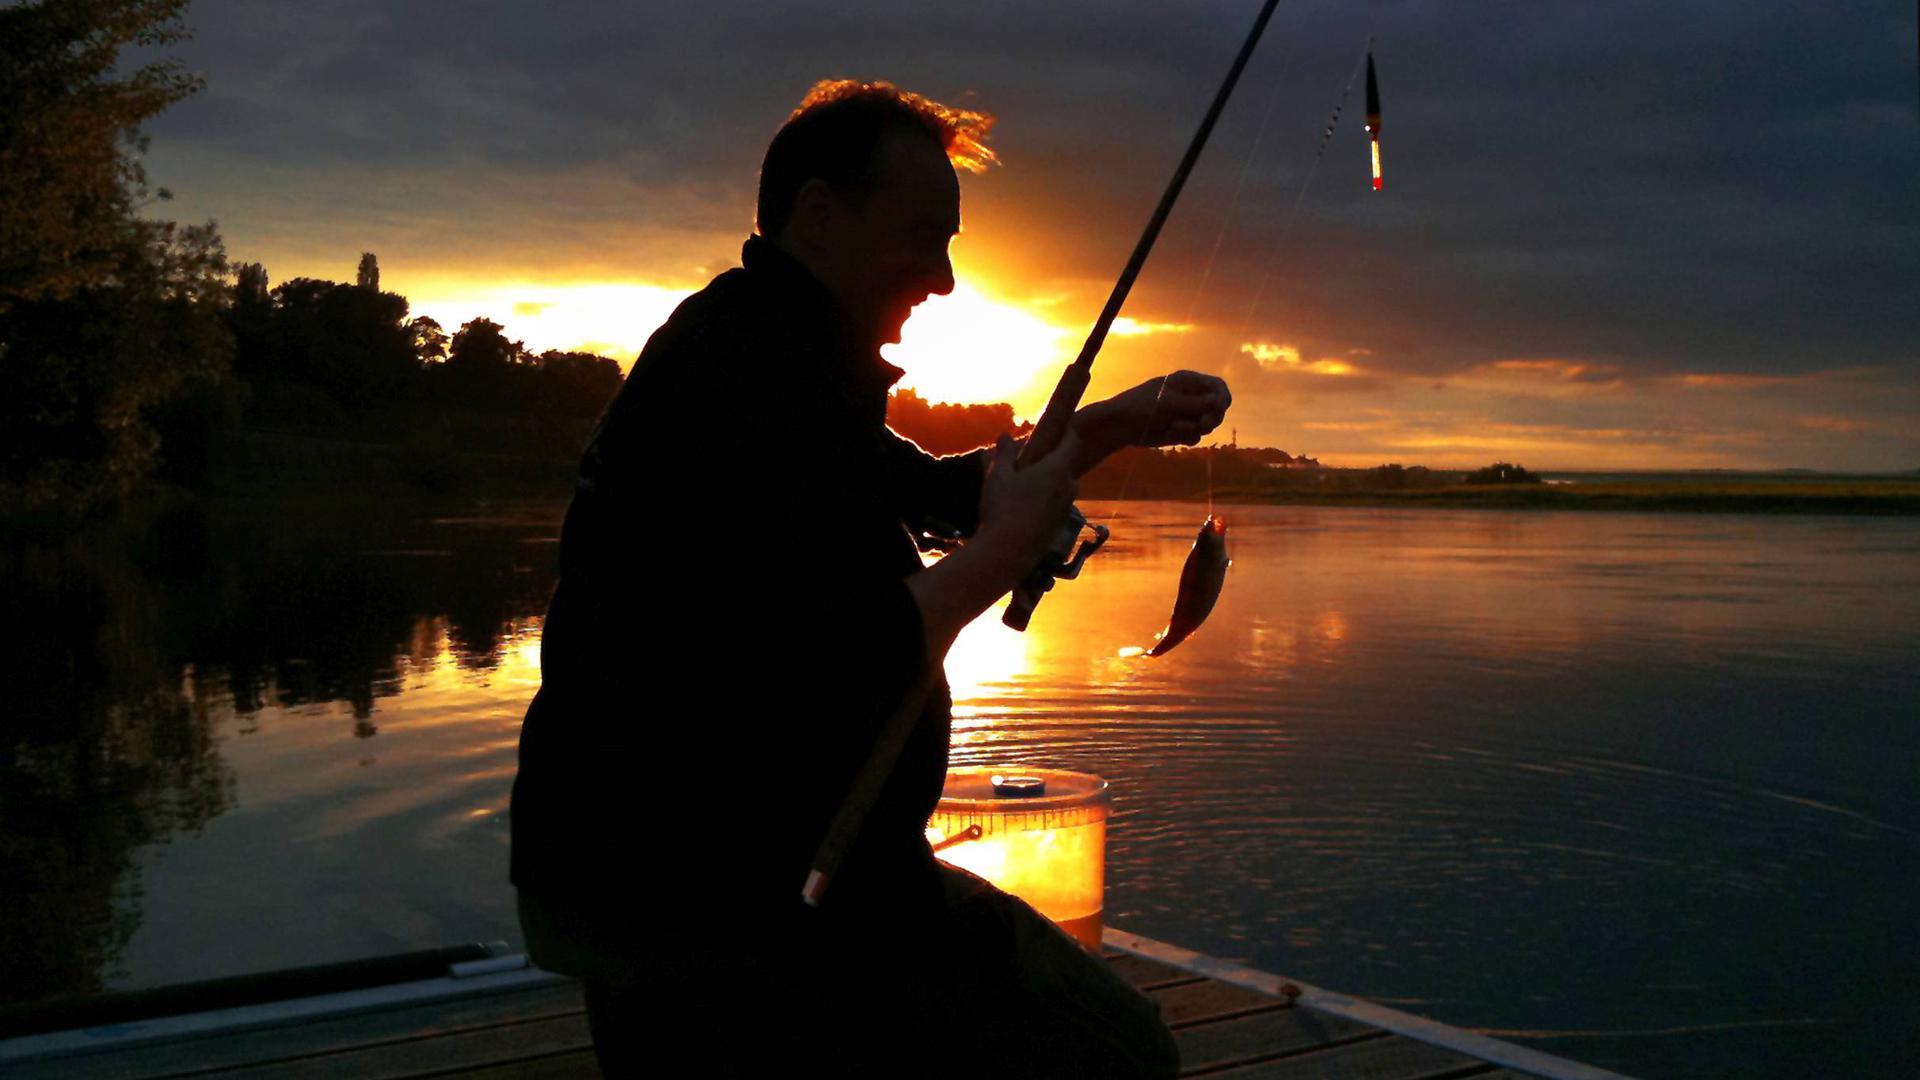 Fischerdämmerung: Das Gift im Grundwasser bedroht die Anglervereine der Region. Im Sandweierer Kühlsee sind die PFC-Grenzwerte in den Fischen bereits weit überschritten.